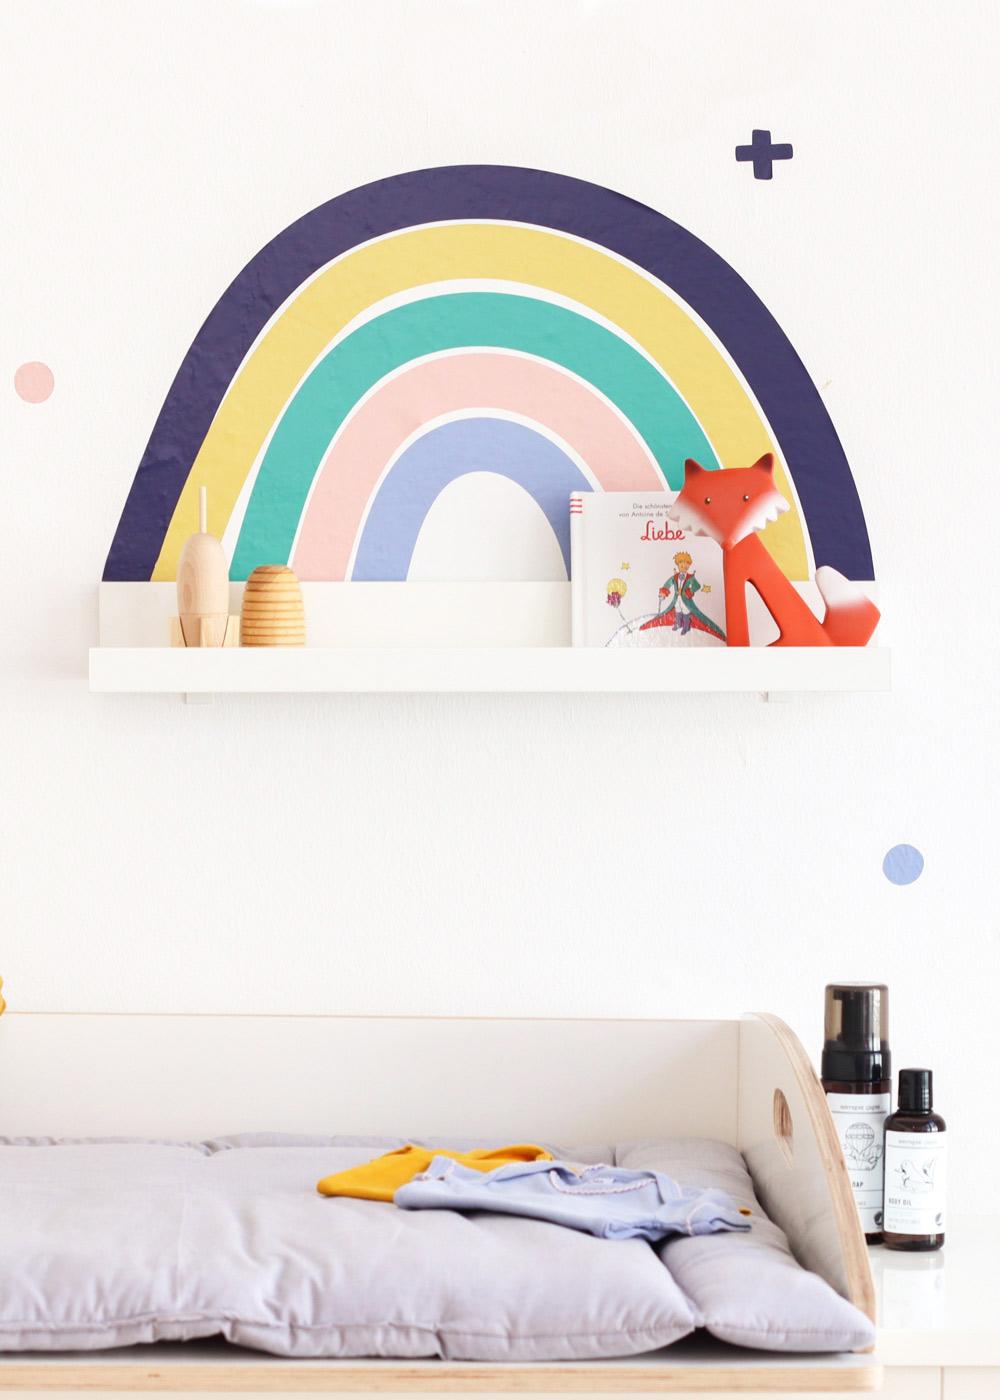 Ikea Mosslanda Bilderleiste Vielfalt Regenbogen Nachtblau Senf Komplettansicht